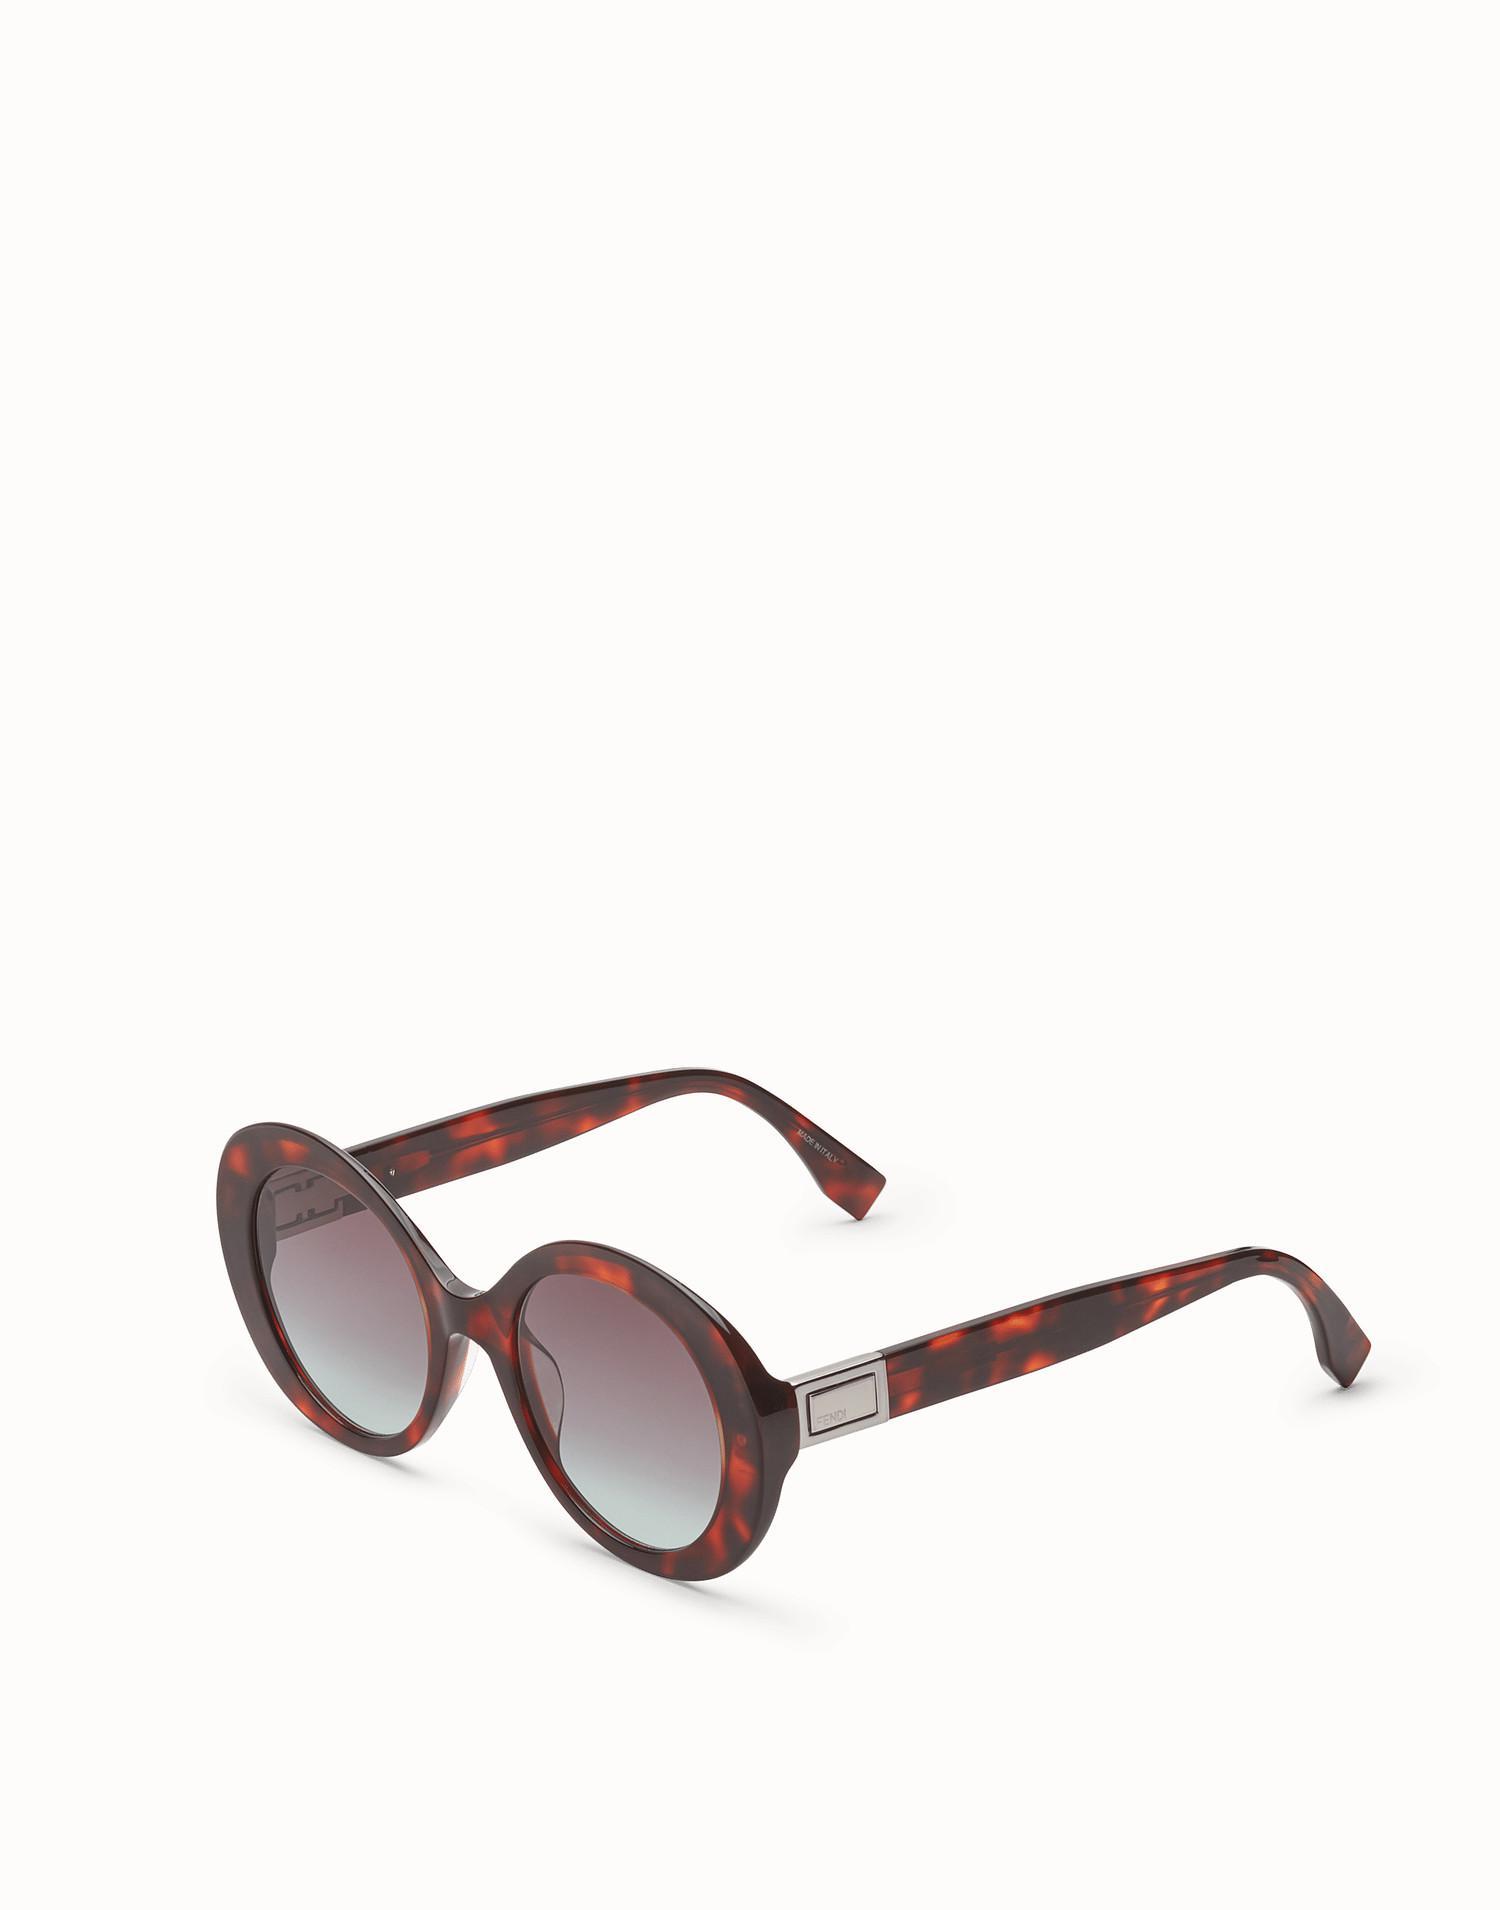 e249d849db7 Lyst - Fendi Peekaboo Sunglasses in Red